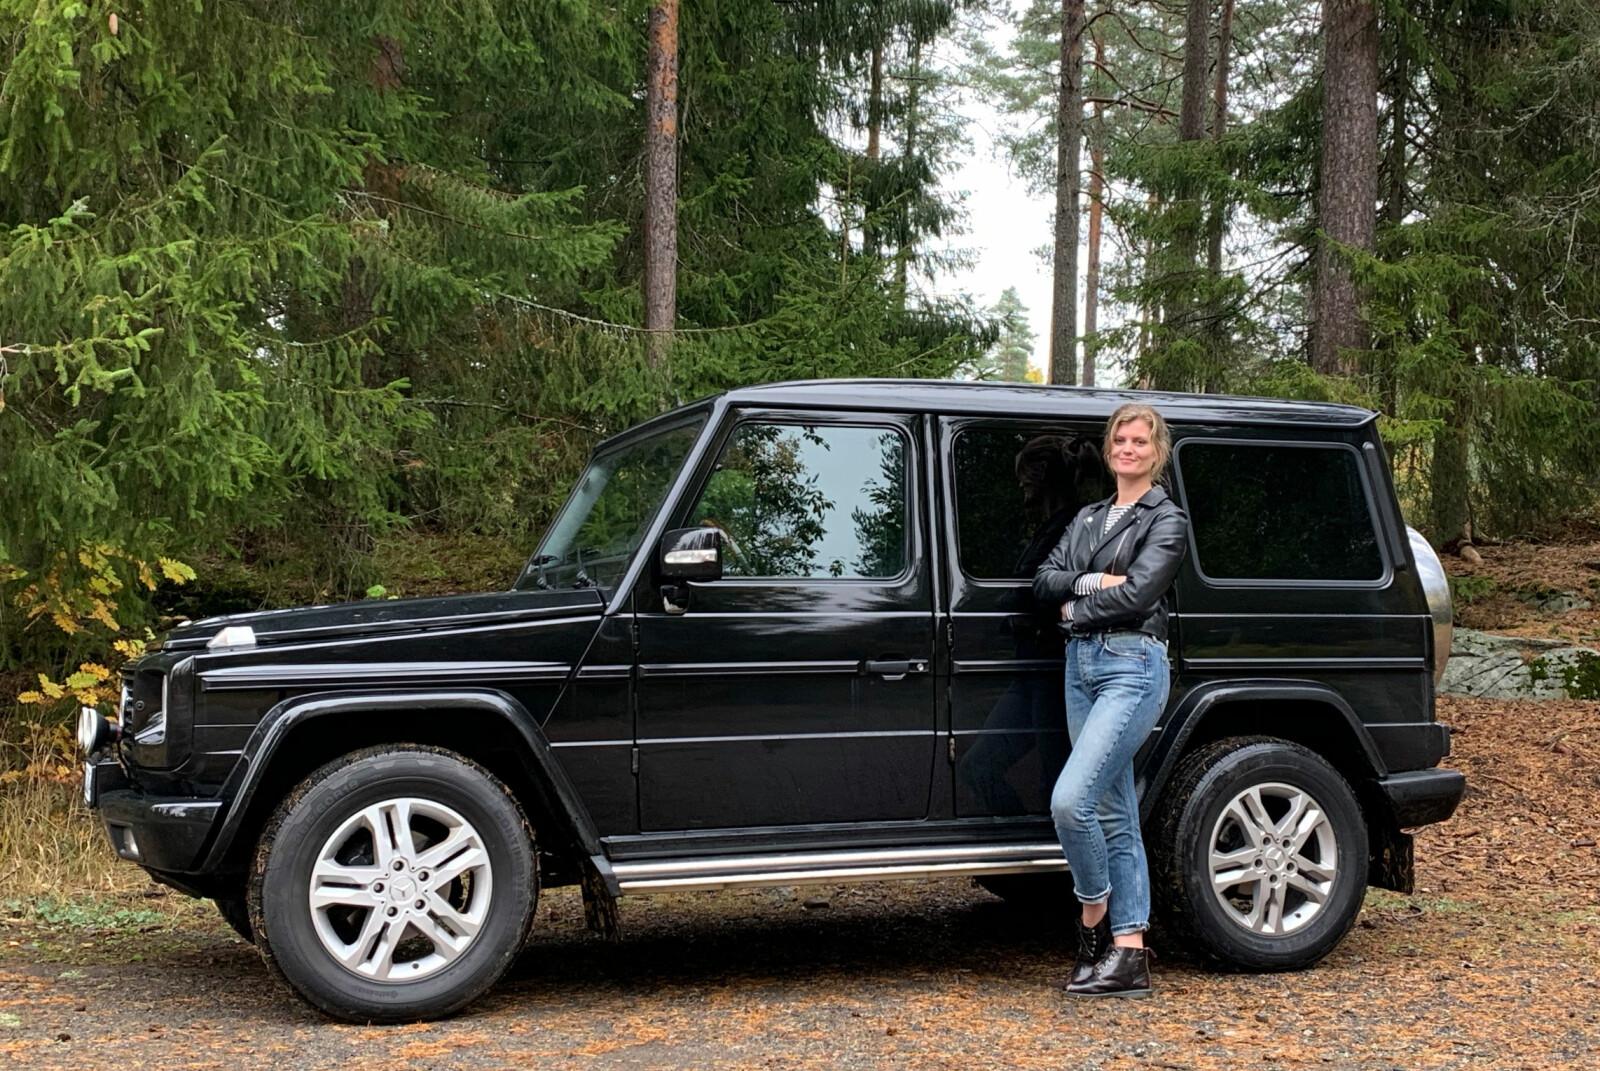 <b>SKOGENS RO: </b>Astri Sjuls legger ikke skjul på at hun kjører noe annet enn barnefamilier flest. Hennes 230GE gjør jobben både som familietaxi og terrengbil.